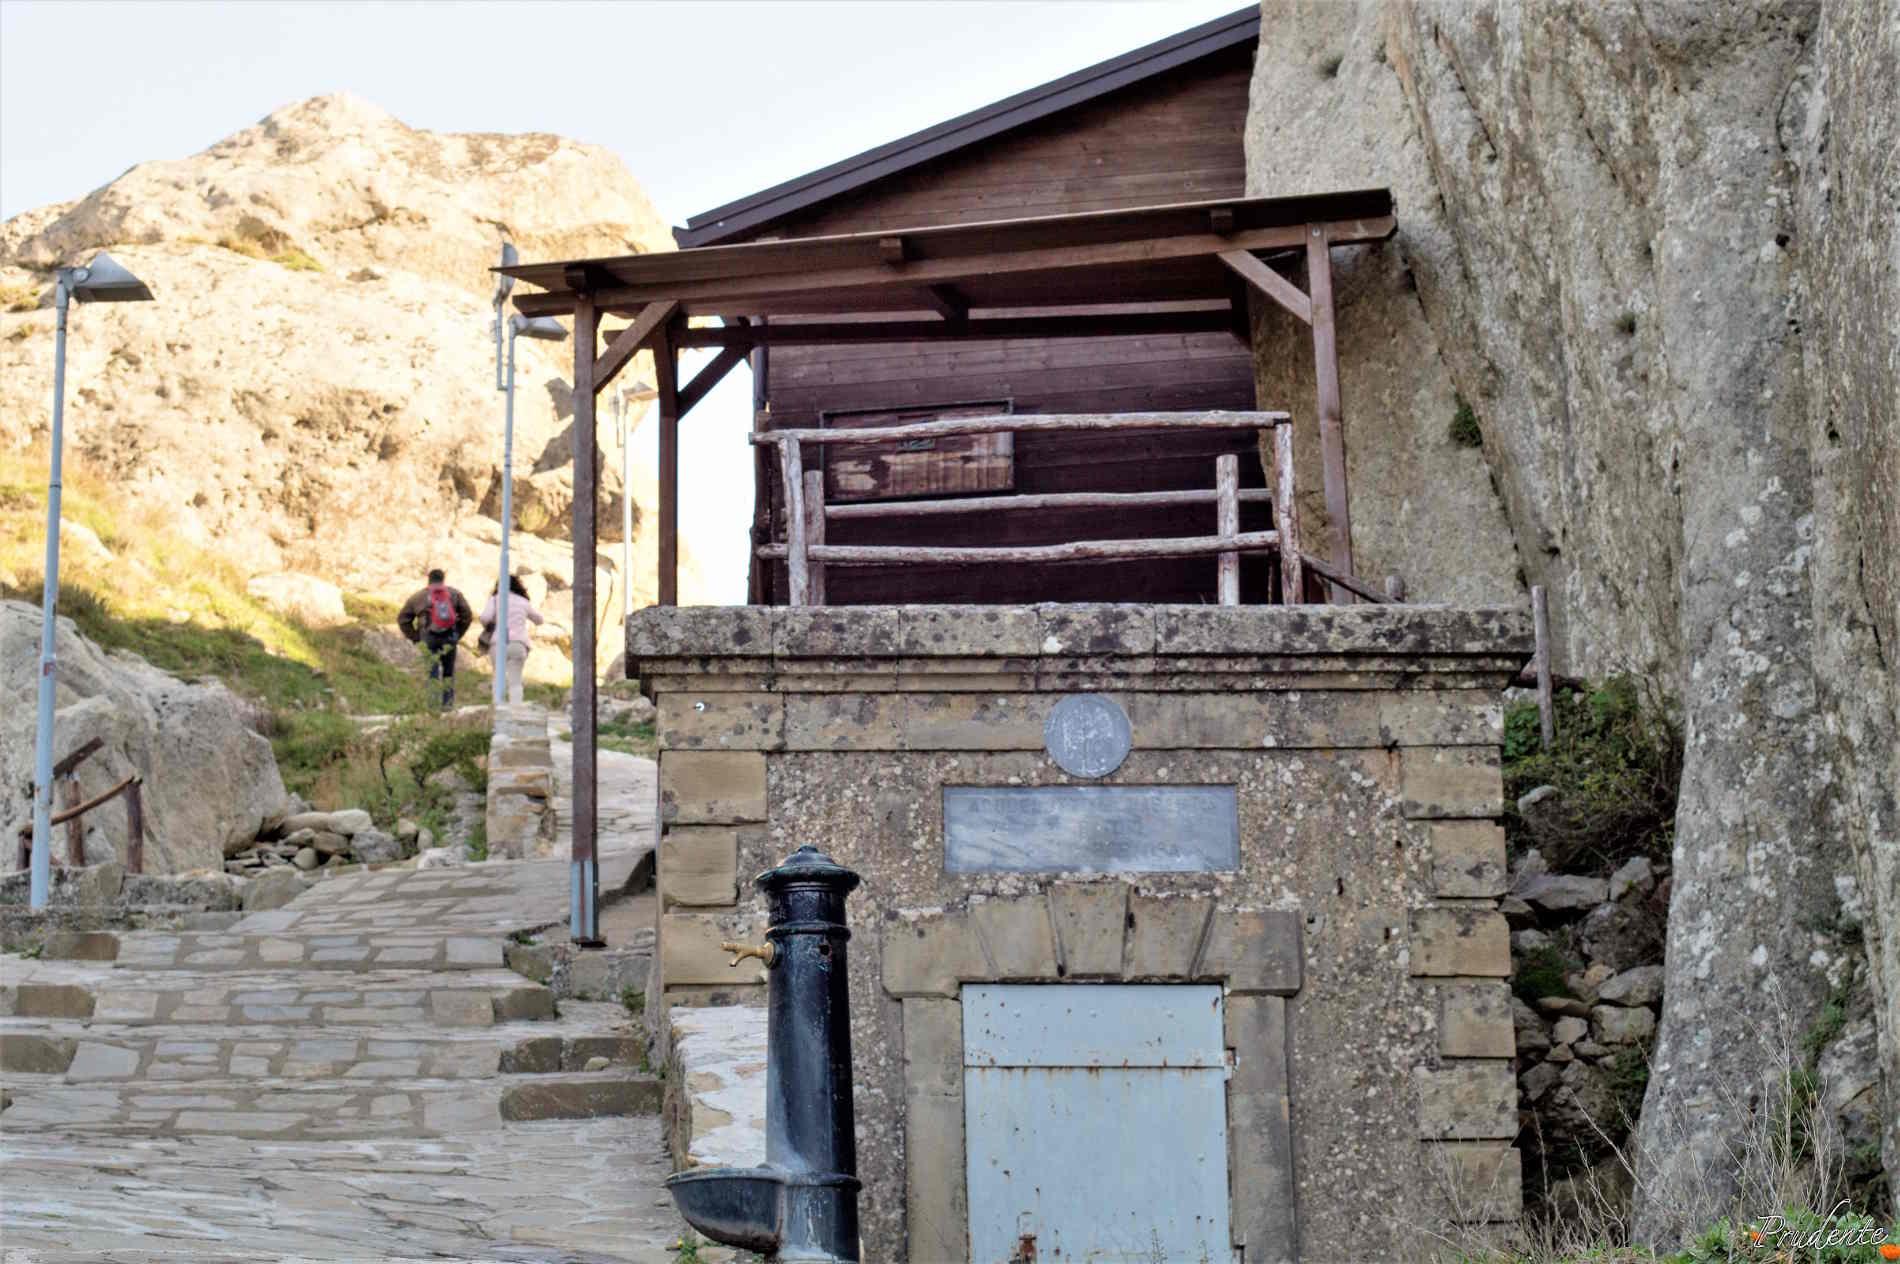 Borghi imperdibili da visitare in Basilicata Sentiero verso il Castello di Pietrapertosa